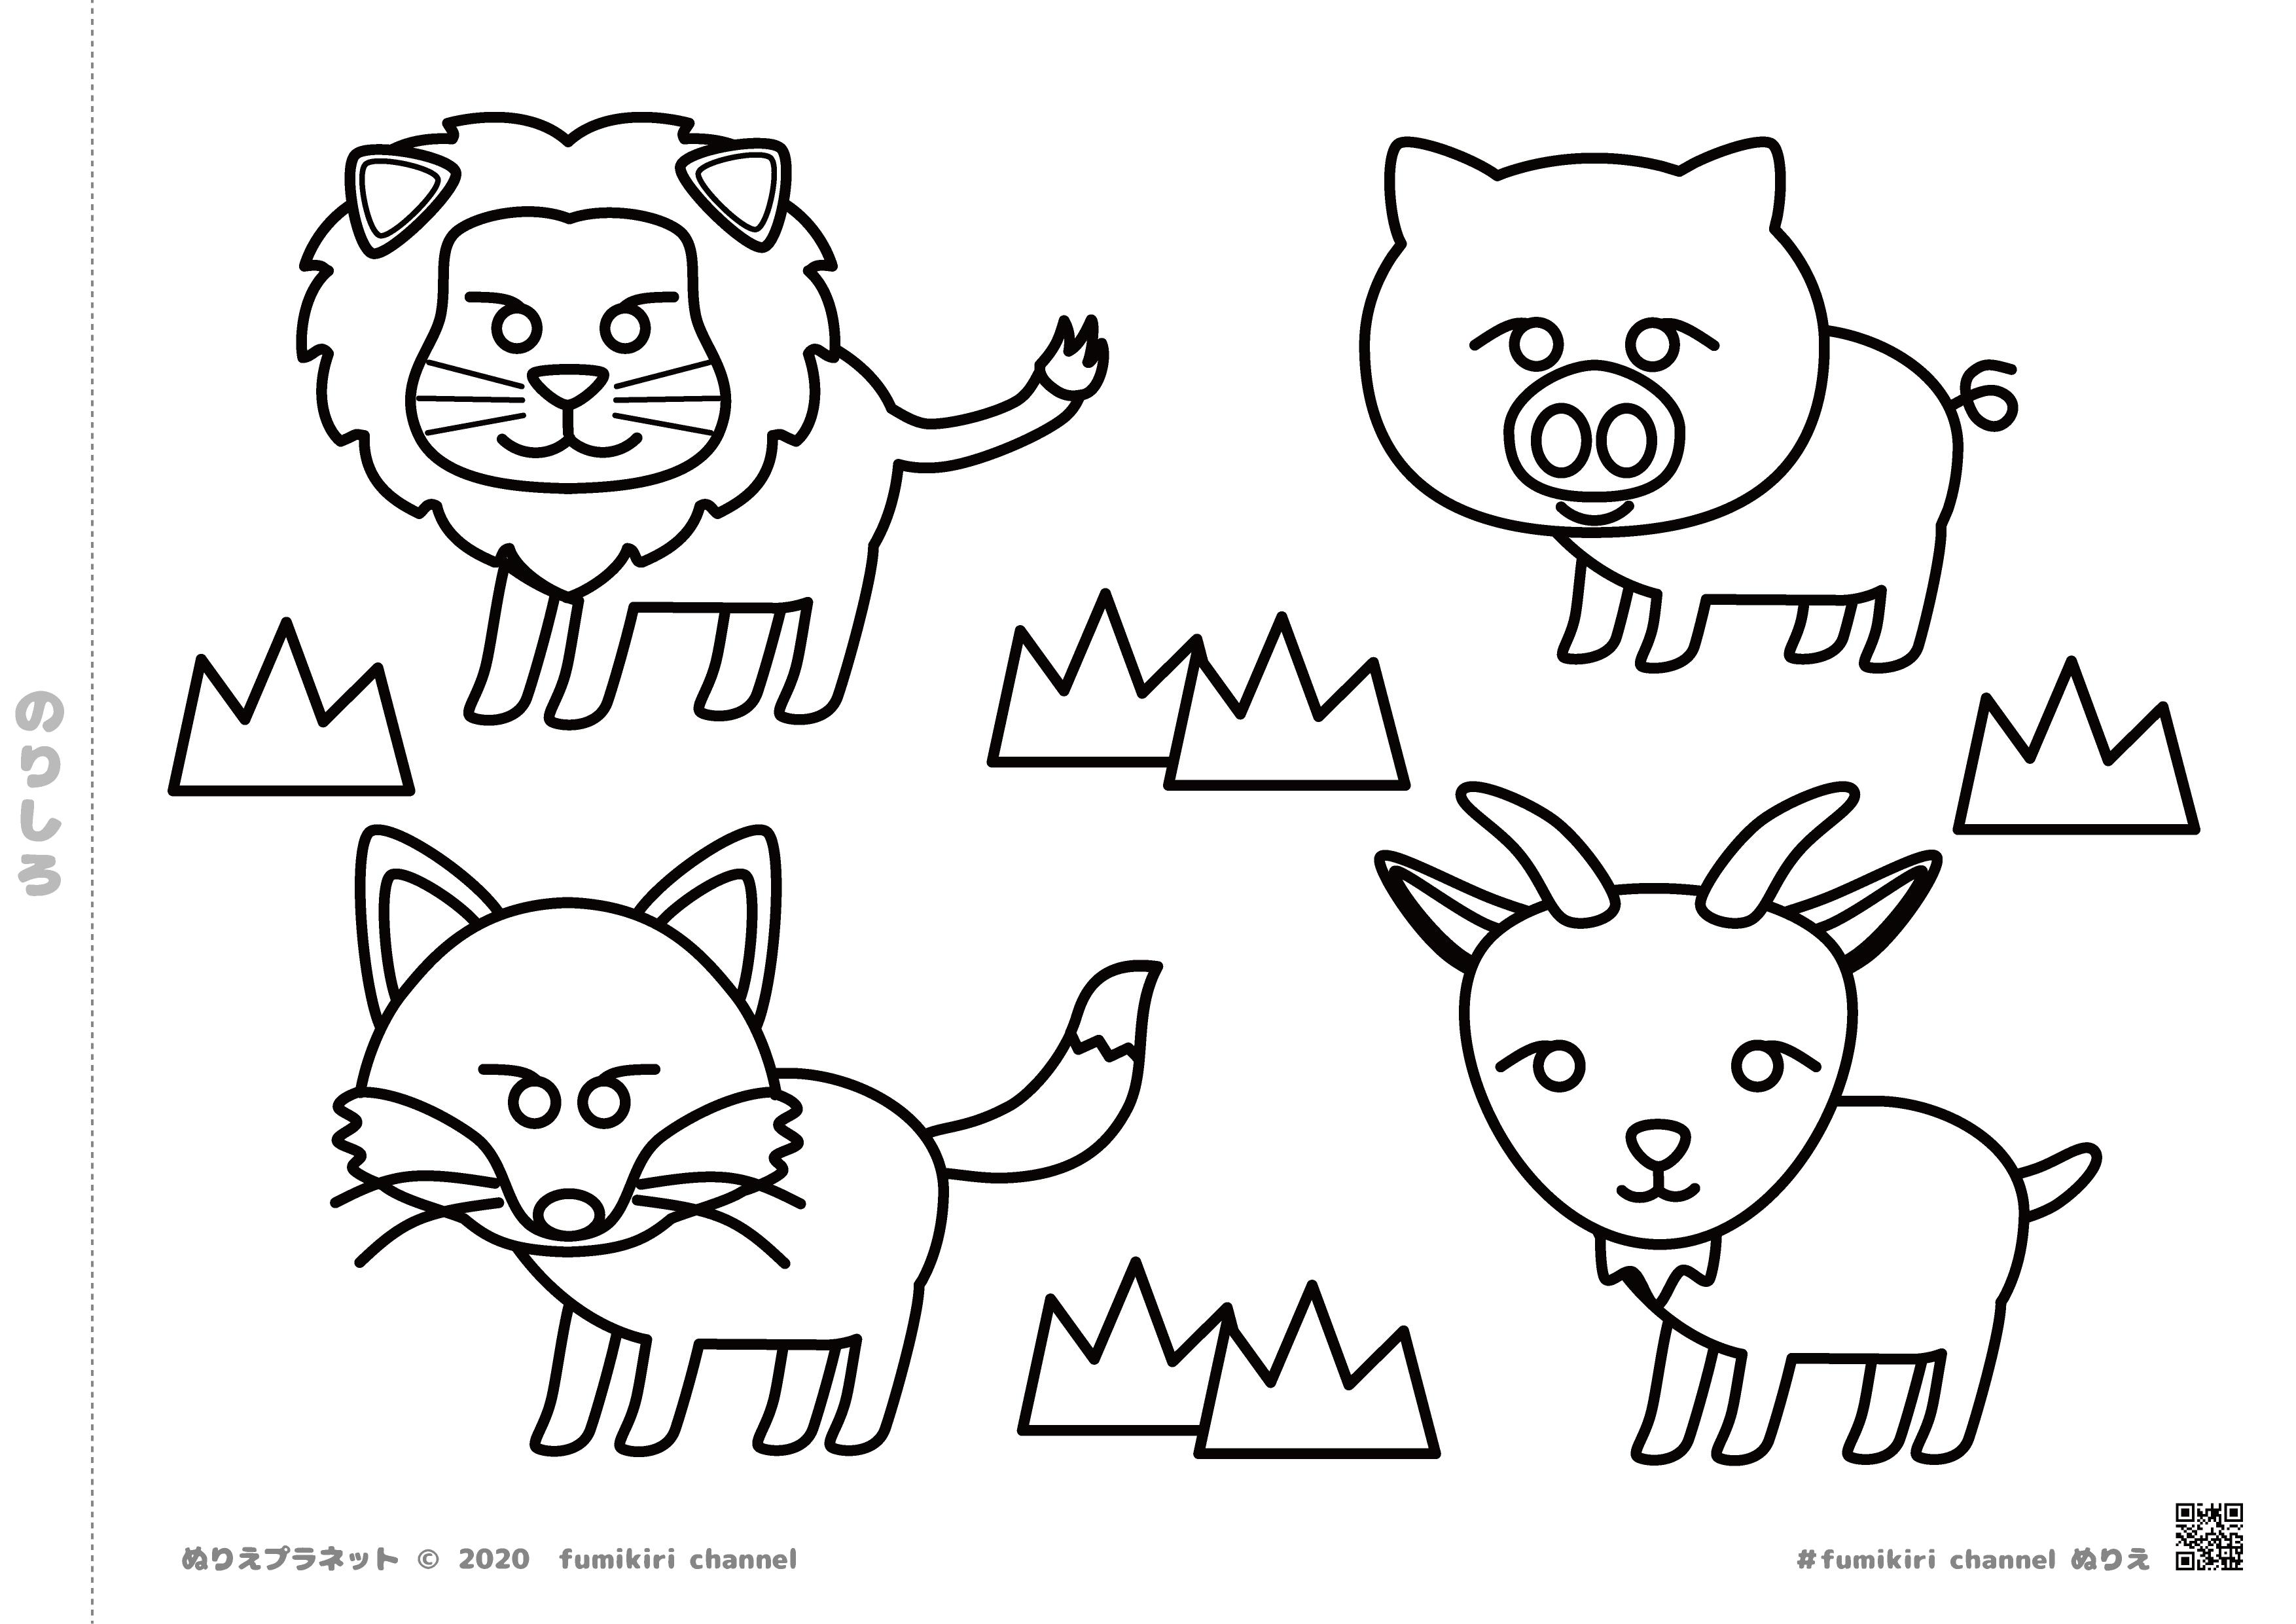 ライオン、ブタ、キツネ、ヤギの動物ぬりえ